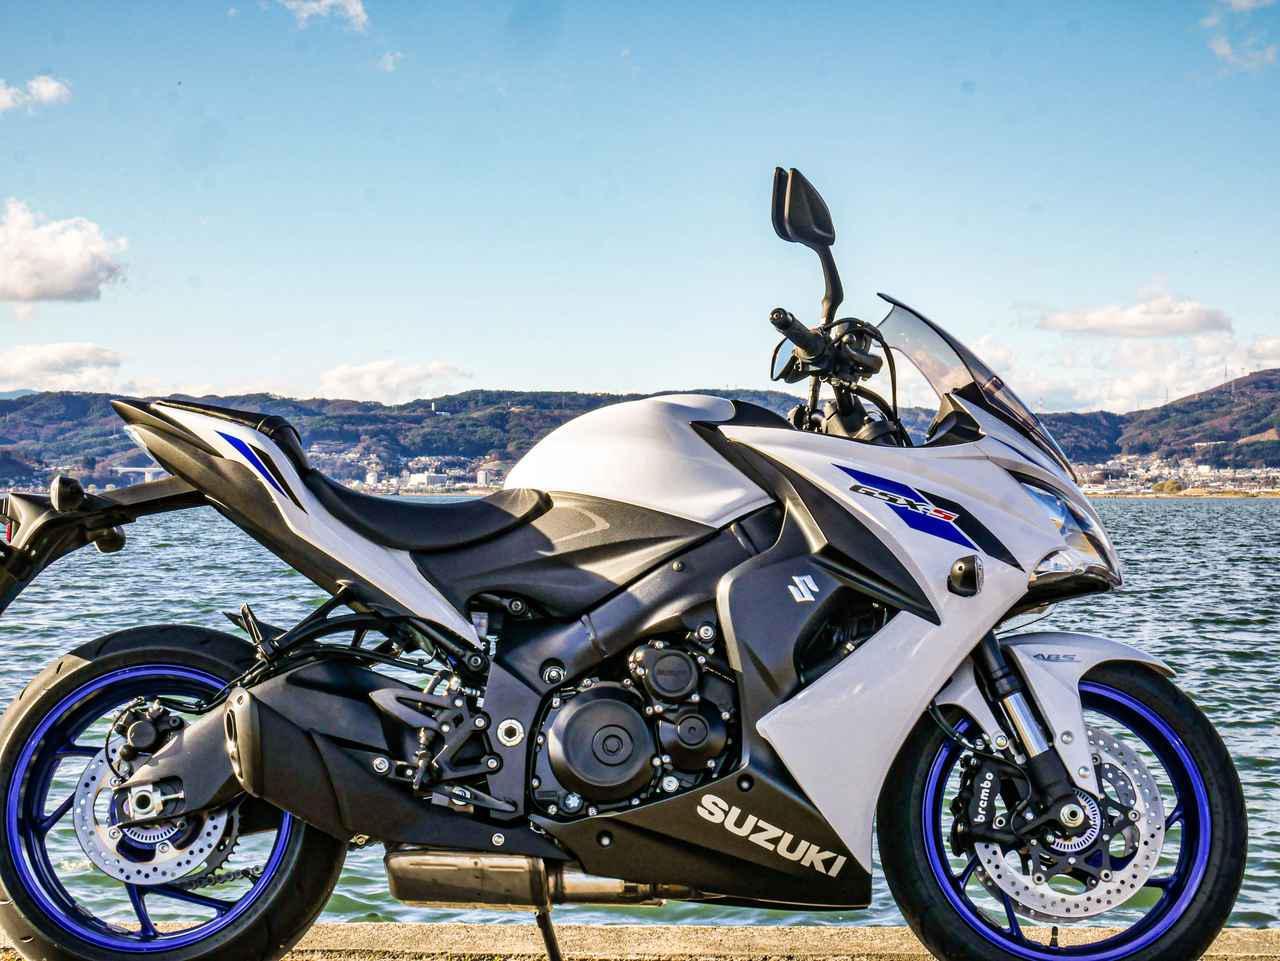 画像: 『GSX-S1000F』の燃費や足つき性は? おすすめポイントや人気の装備、価格やスペックを解説! - スズキのバイク!